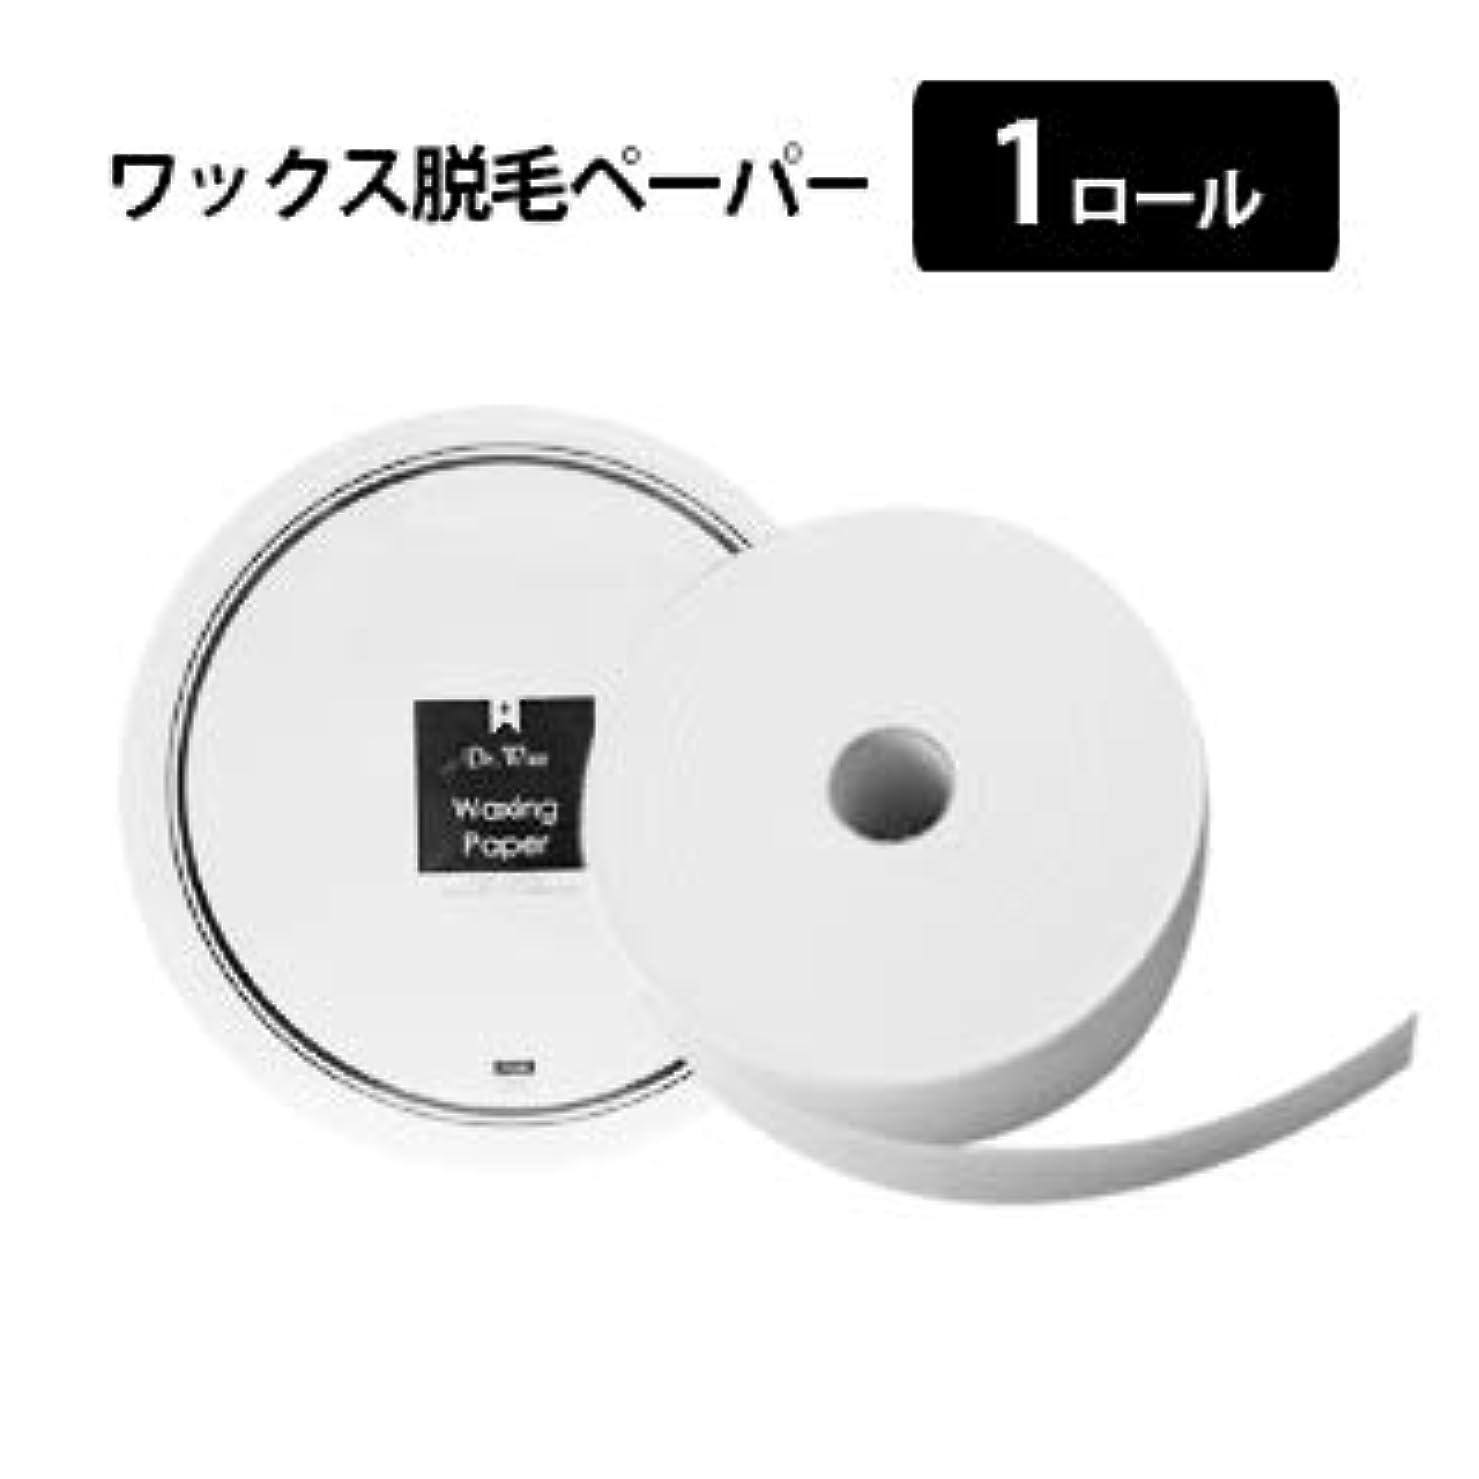 公式欺く苦行【1ロール】ワックスロールペーパー 7cm スパンレース素材